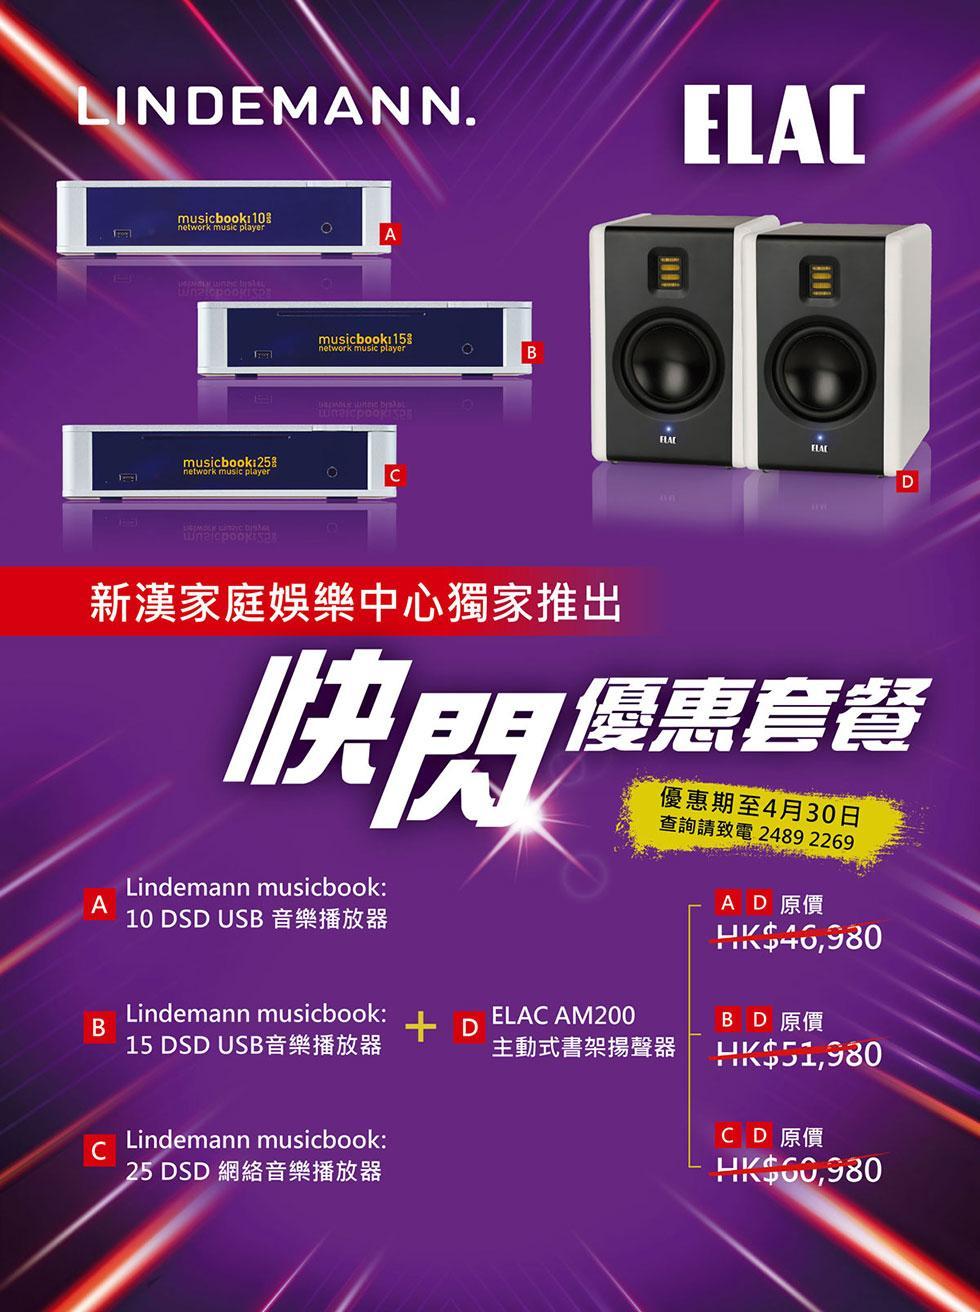 新漢家庭娛樂中心獨家推出: Lindemann + ELAC 快閃優惠套餐